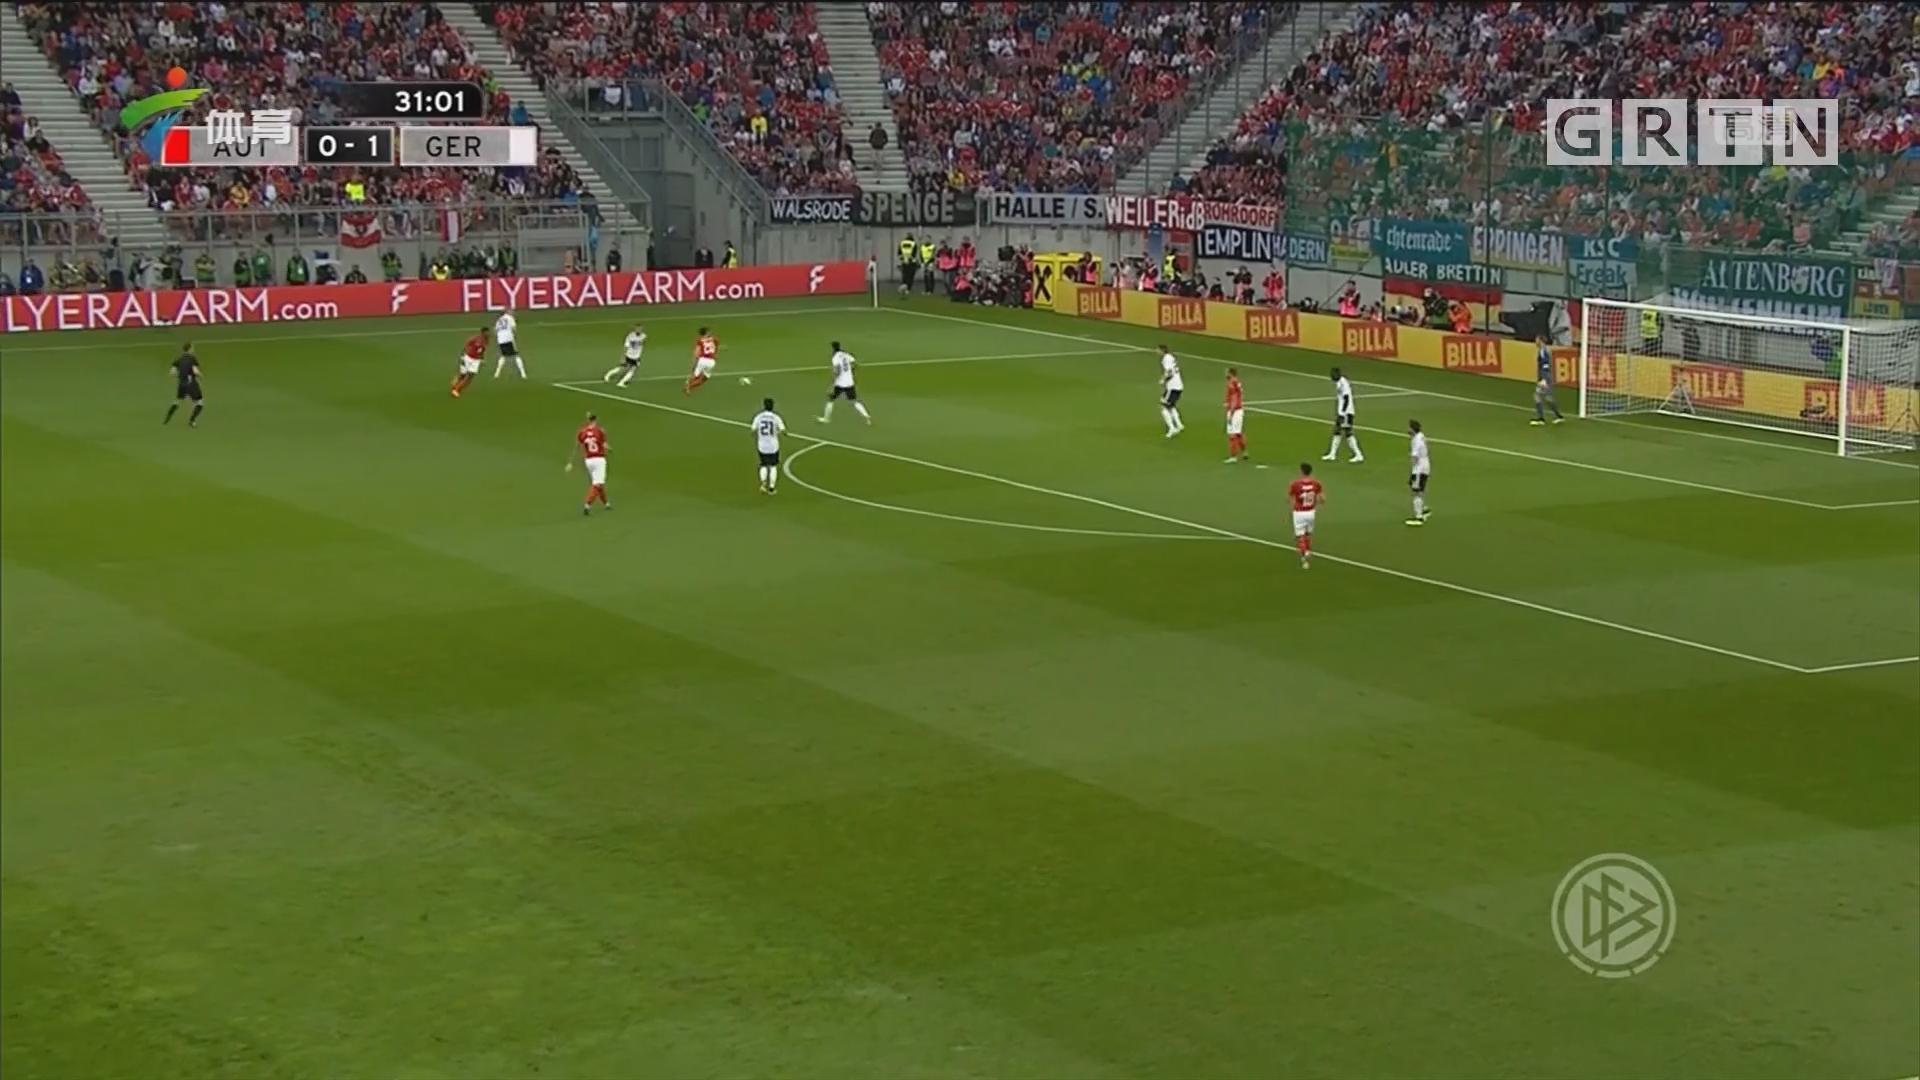 世界杯热身赛 德国遭遇逆转 五场不胜